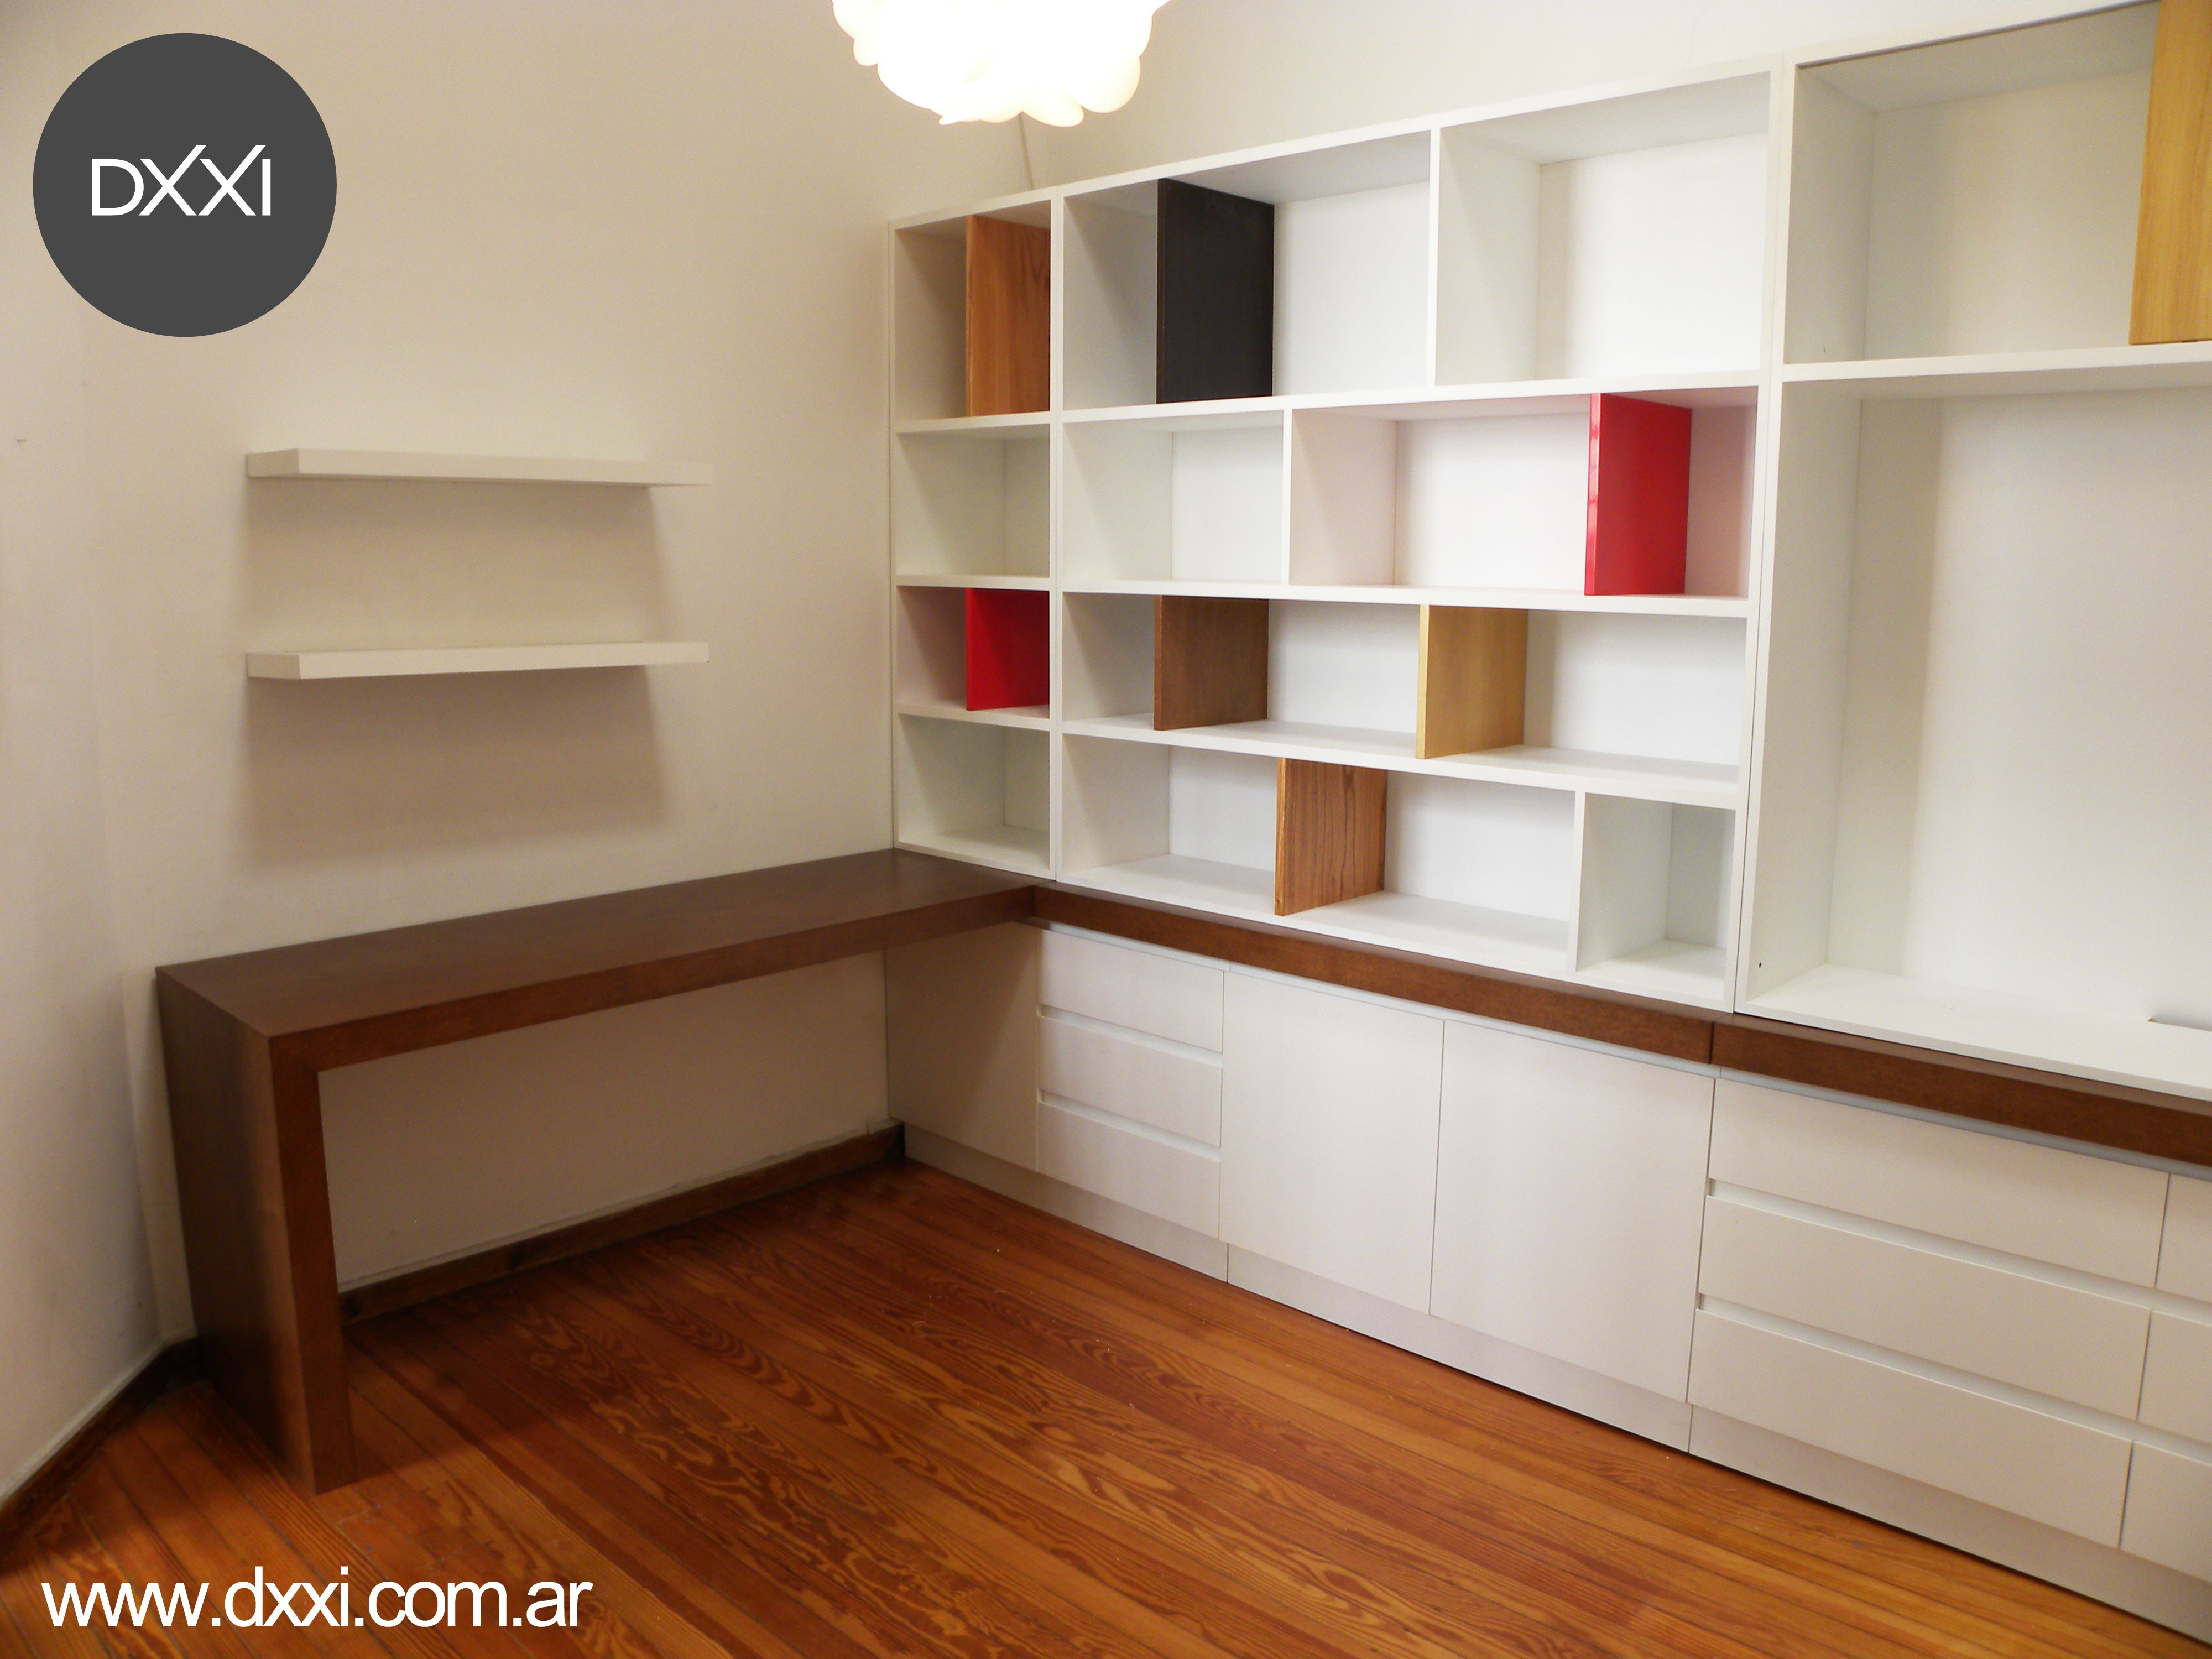 Biblioteca escritorio modelo bricolage mdf laqueado y for Muebles en madera mdf